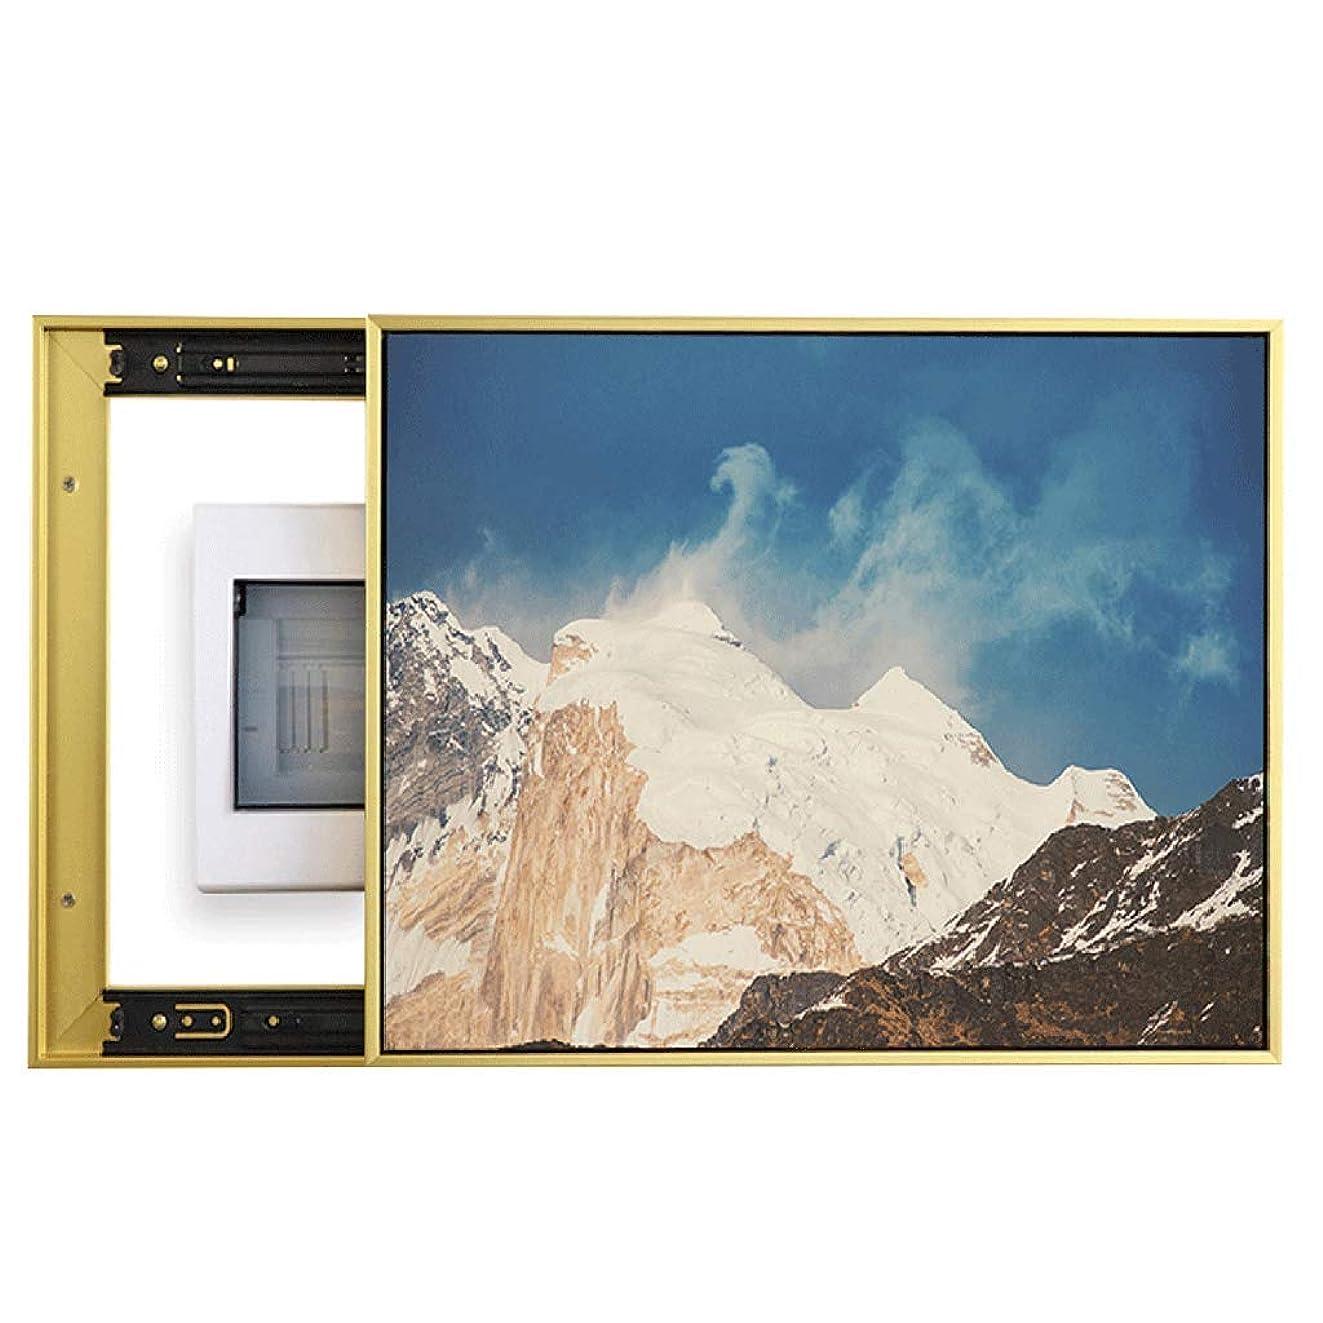 下手くぼみ分布QIQIDEDIAN 電気メーターボックス装飾的な絵画は、プッシュすることができますし、絵画壁の配信ボックスをブロックするためにプル (Color : White, Size : (40*50cm 30*40cm)-Push right)